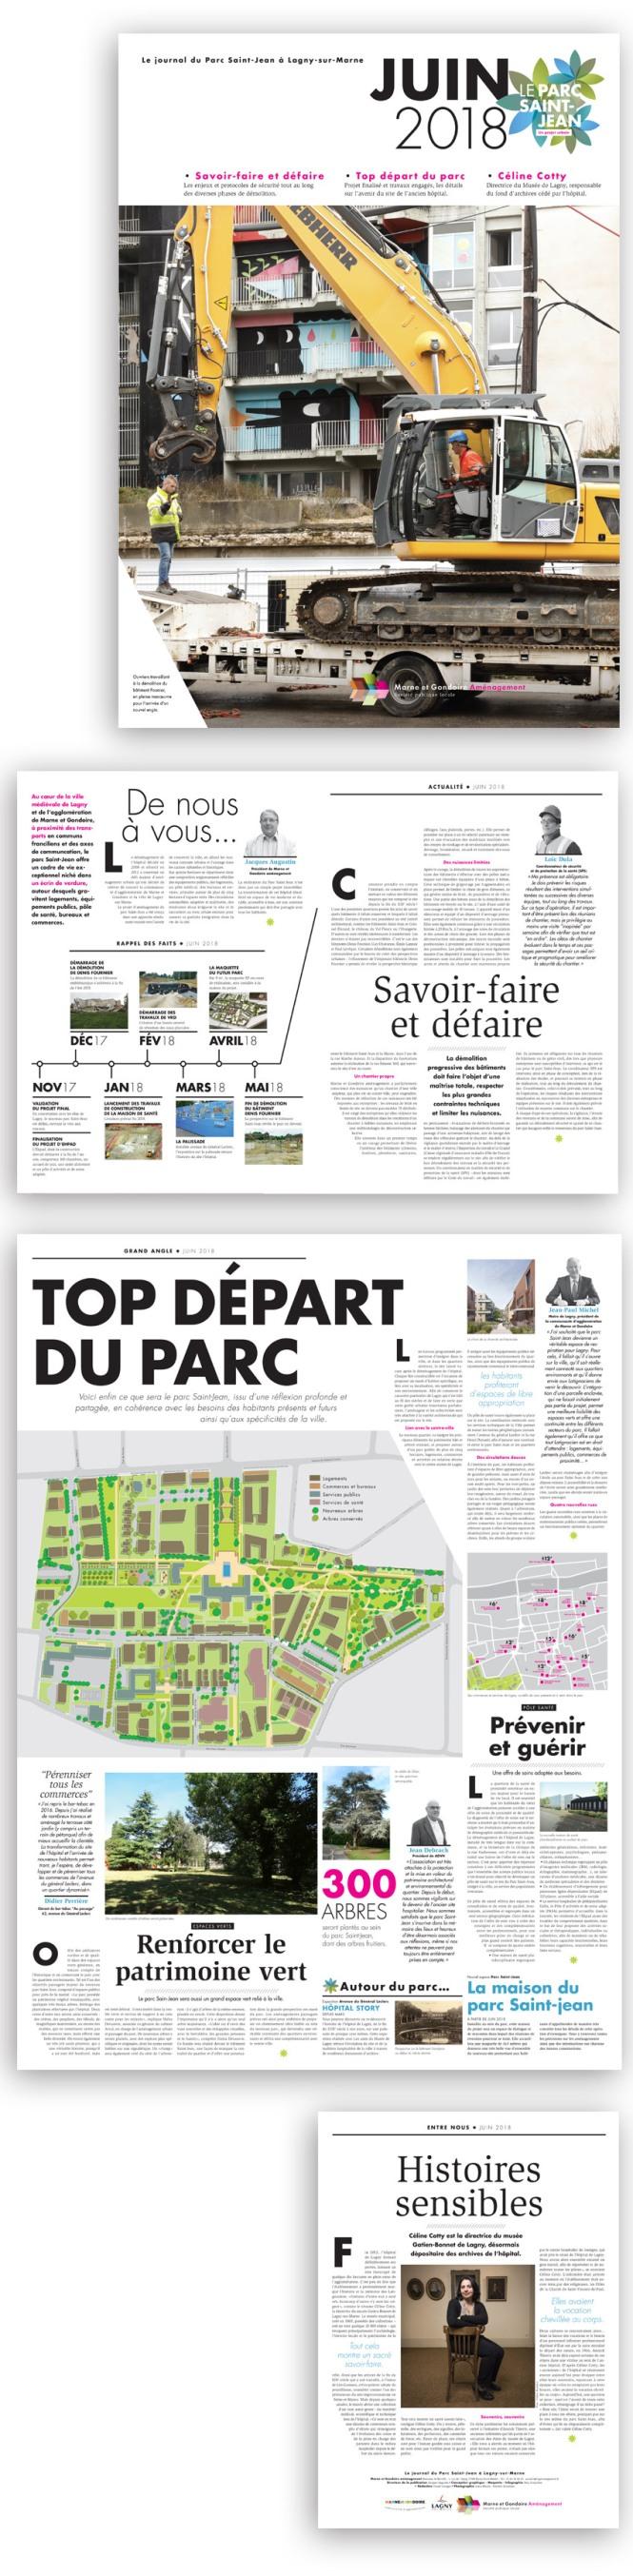 Journal du parc Saint-Jean Lagny